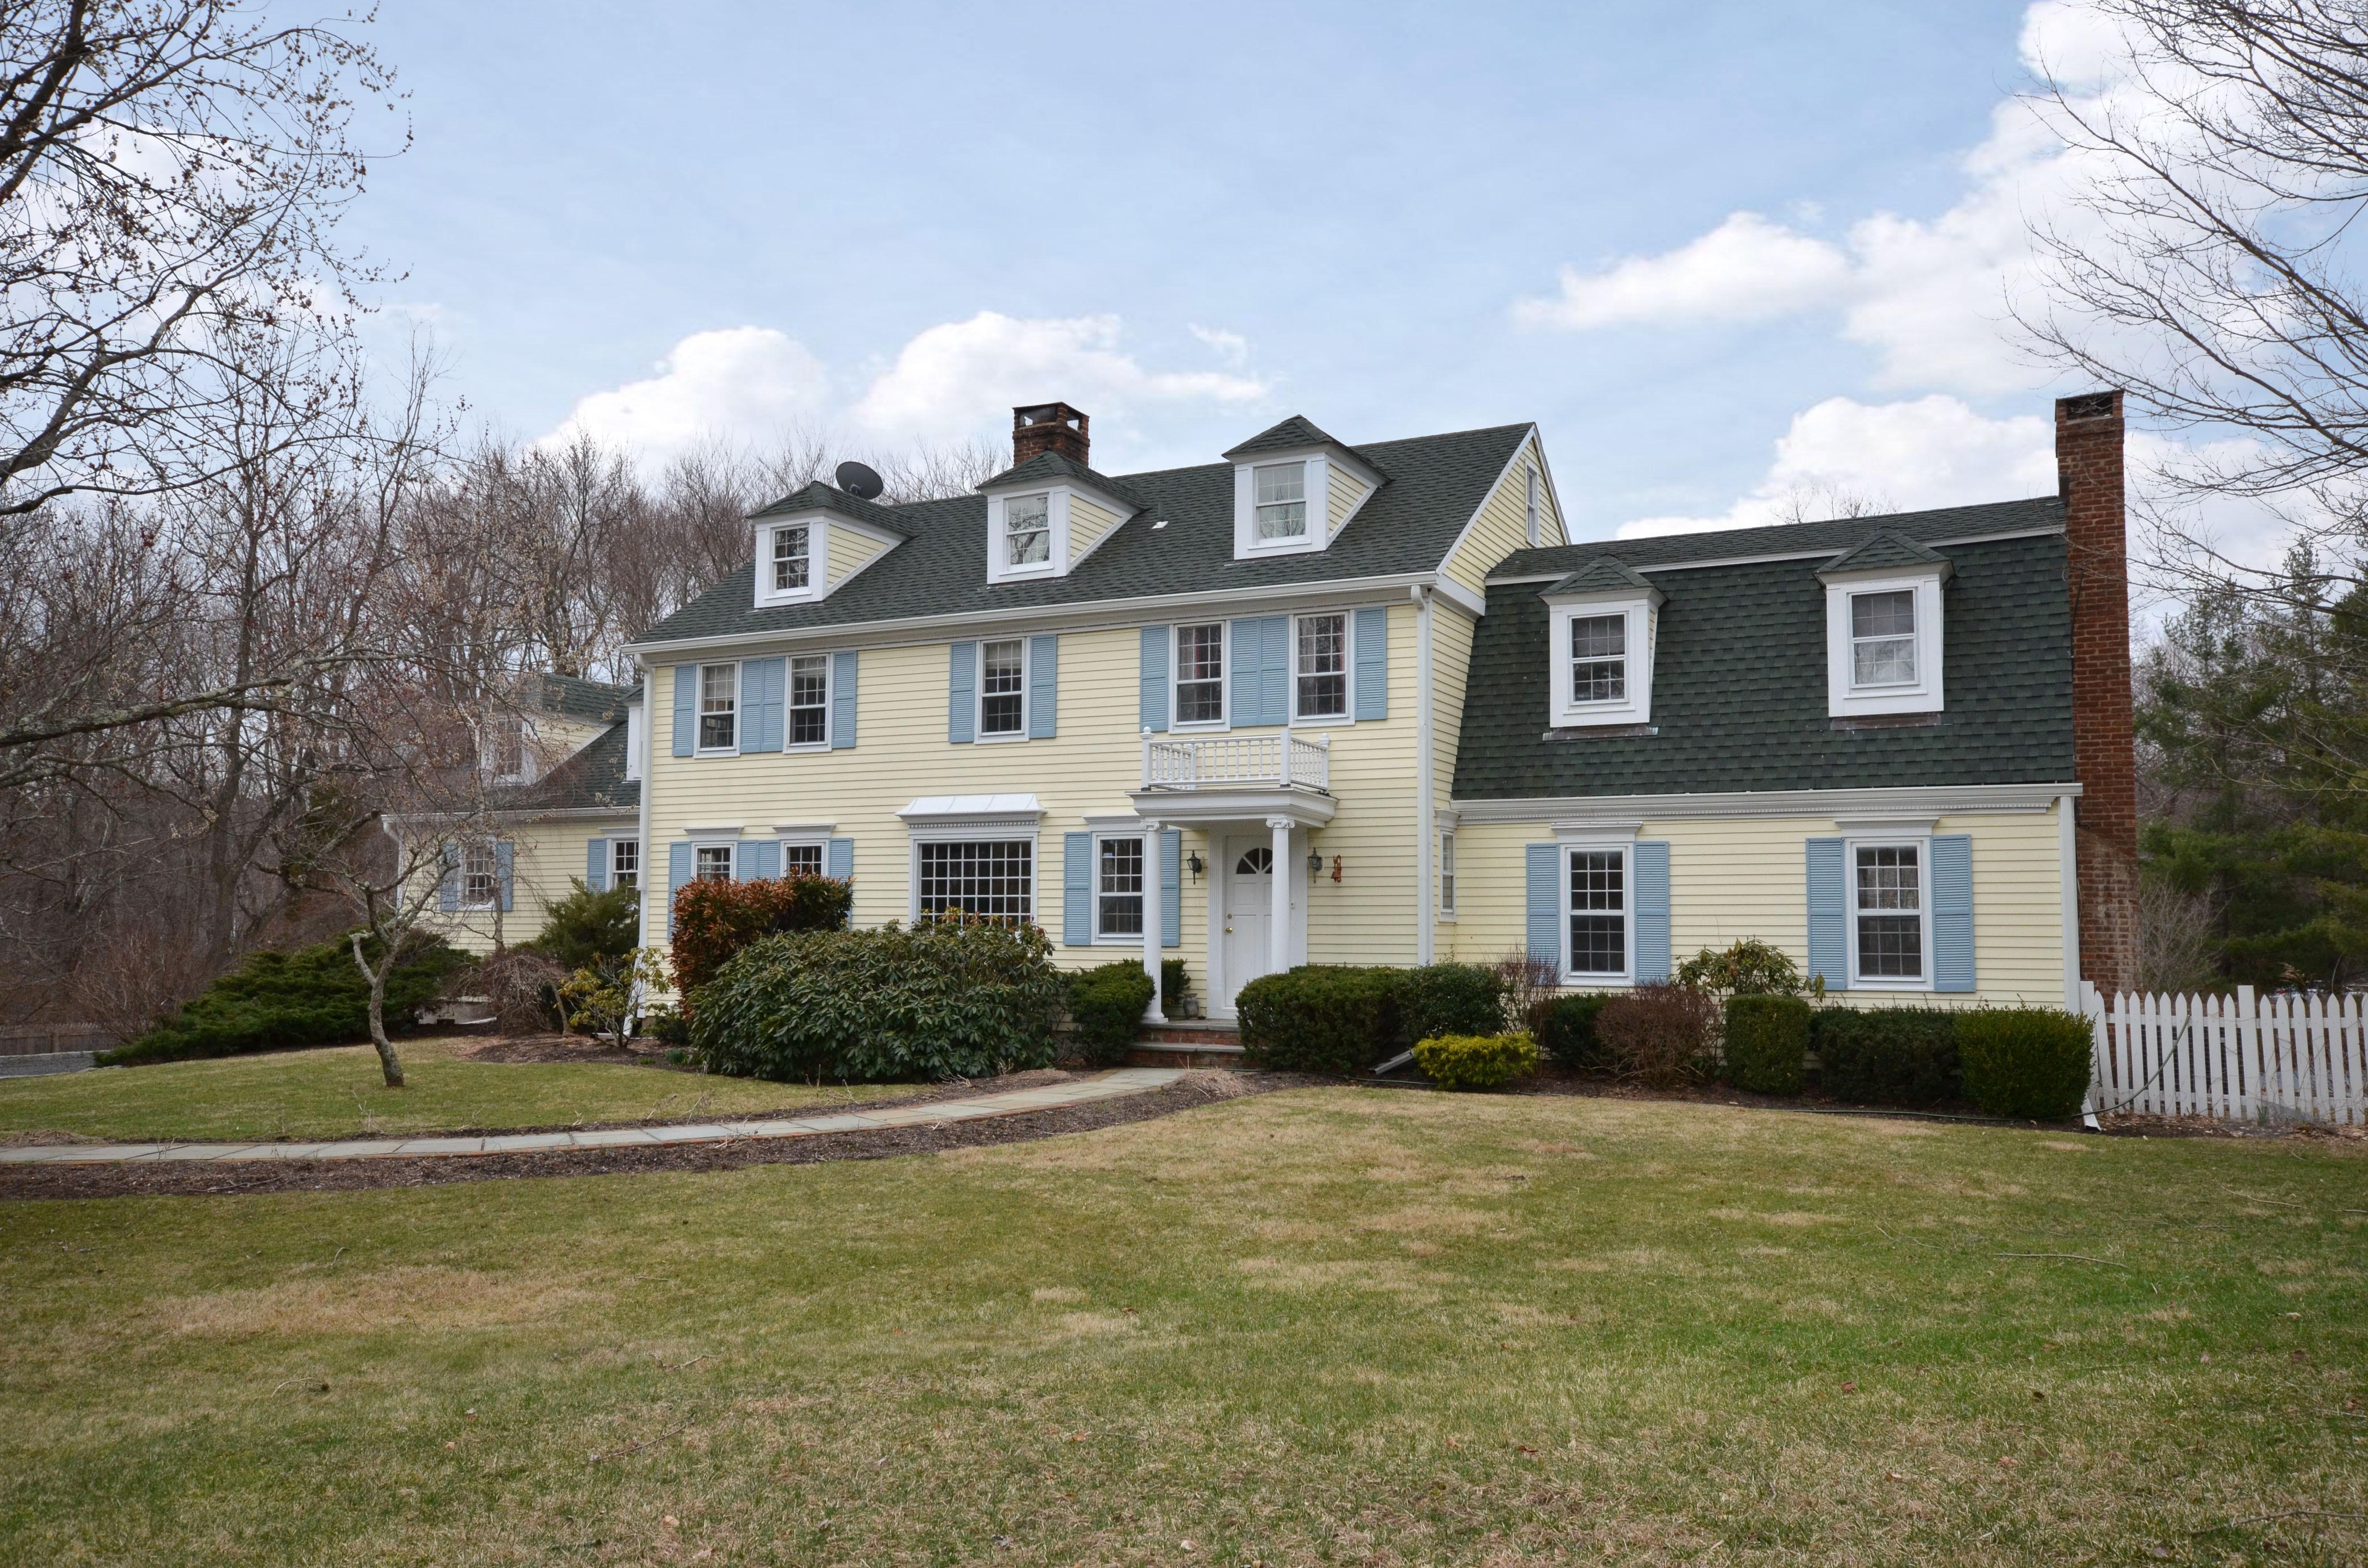 一戸建て のために 売買 アット Classic 5 Bedroom Colonial 701 Ridgefield Road Wilton, コネチカット 06897 アメリカ合衆国